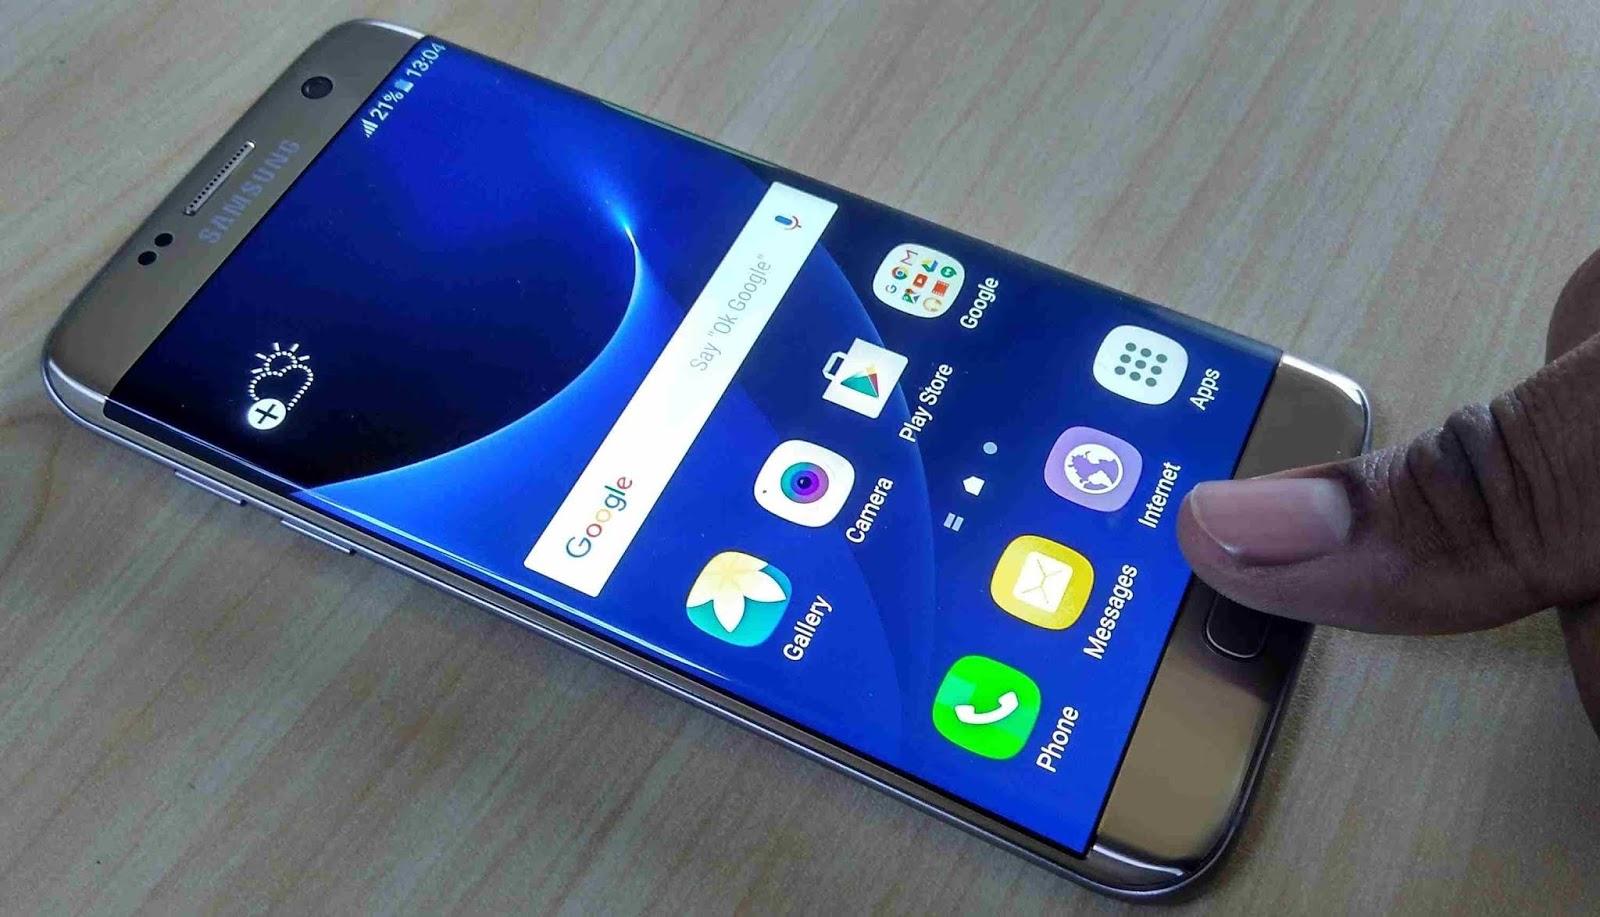 Fingerprint Hack 101 - How To Hack Any Phone's Fingerprint Reader Using A Sellotape